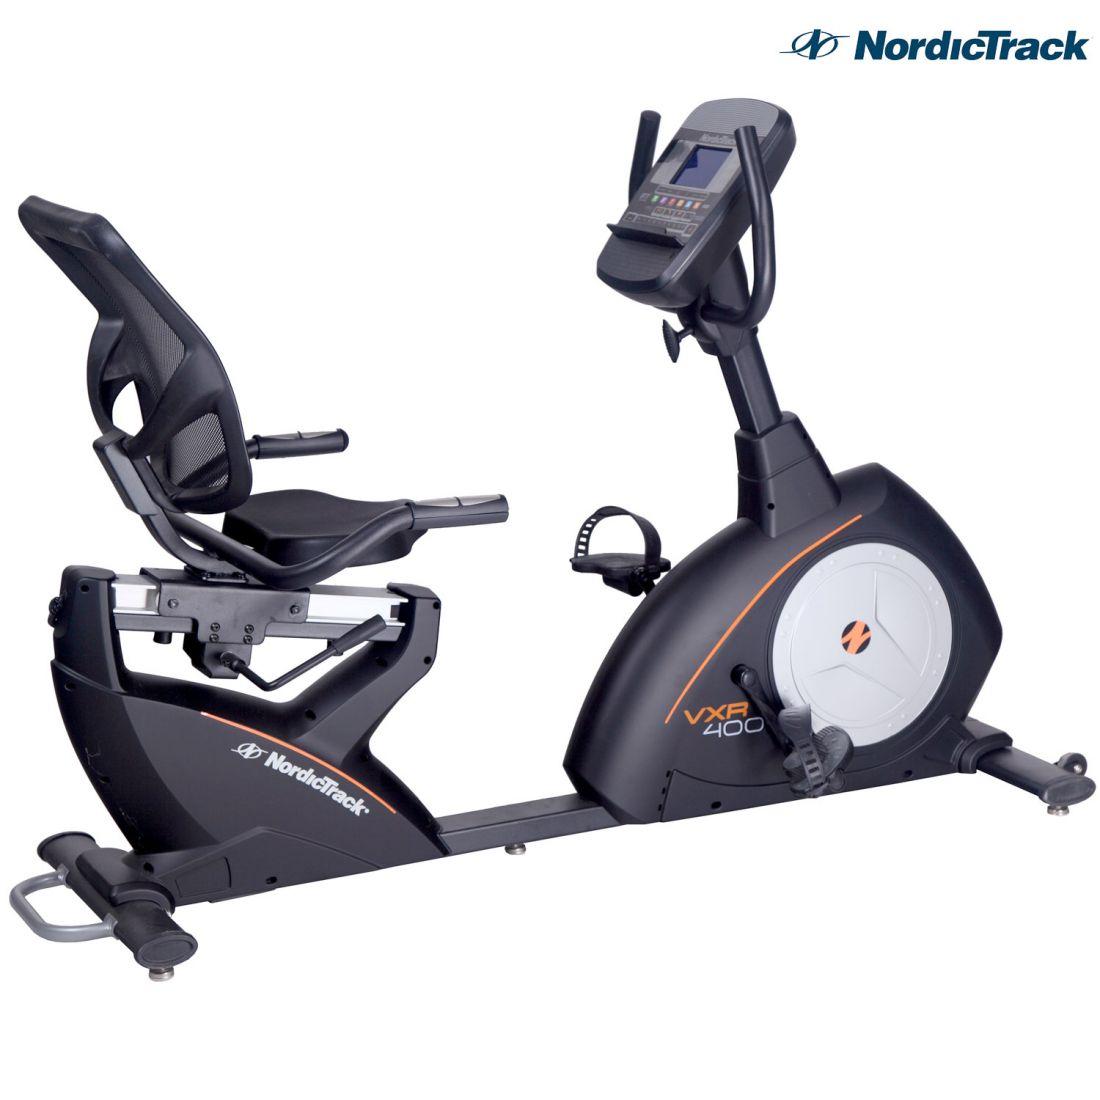 Велотренажер - NordicTrack VXR400